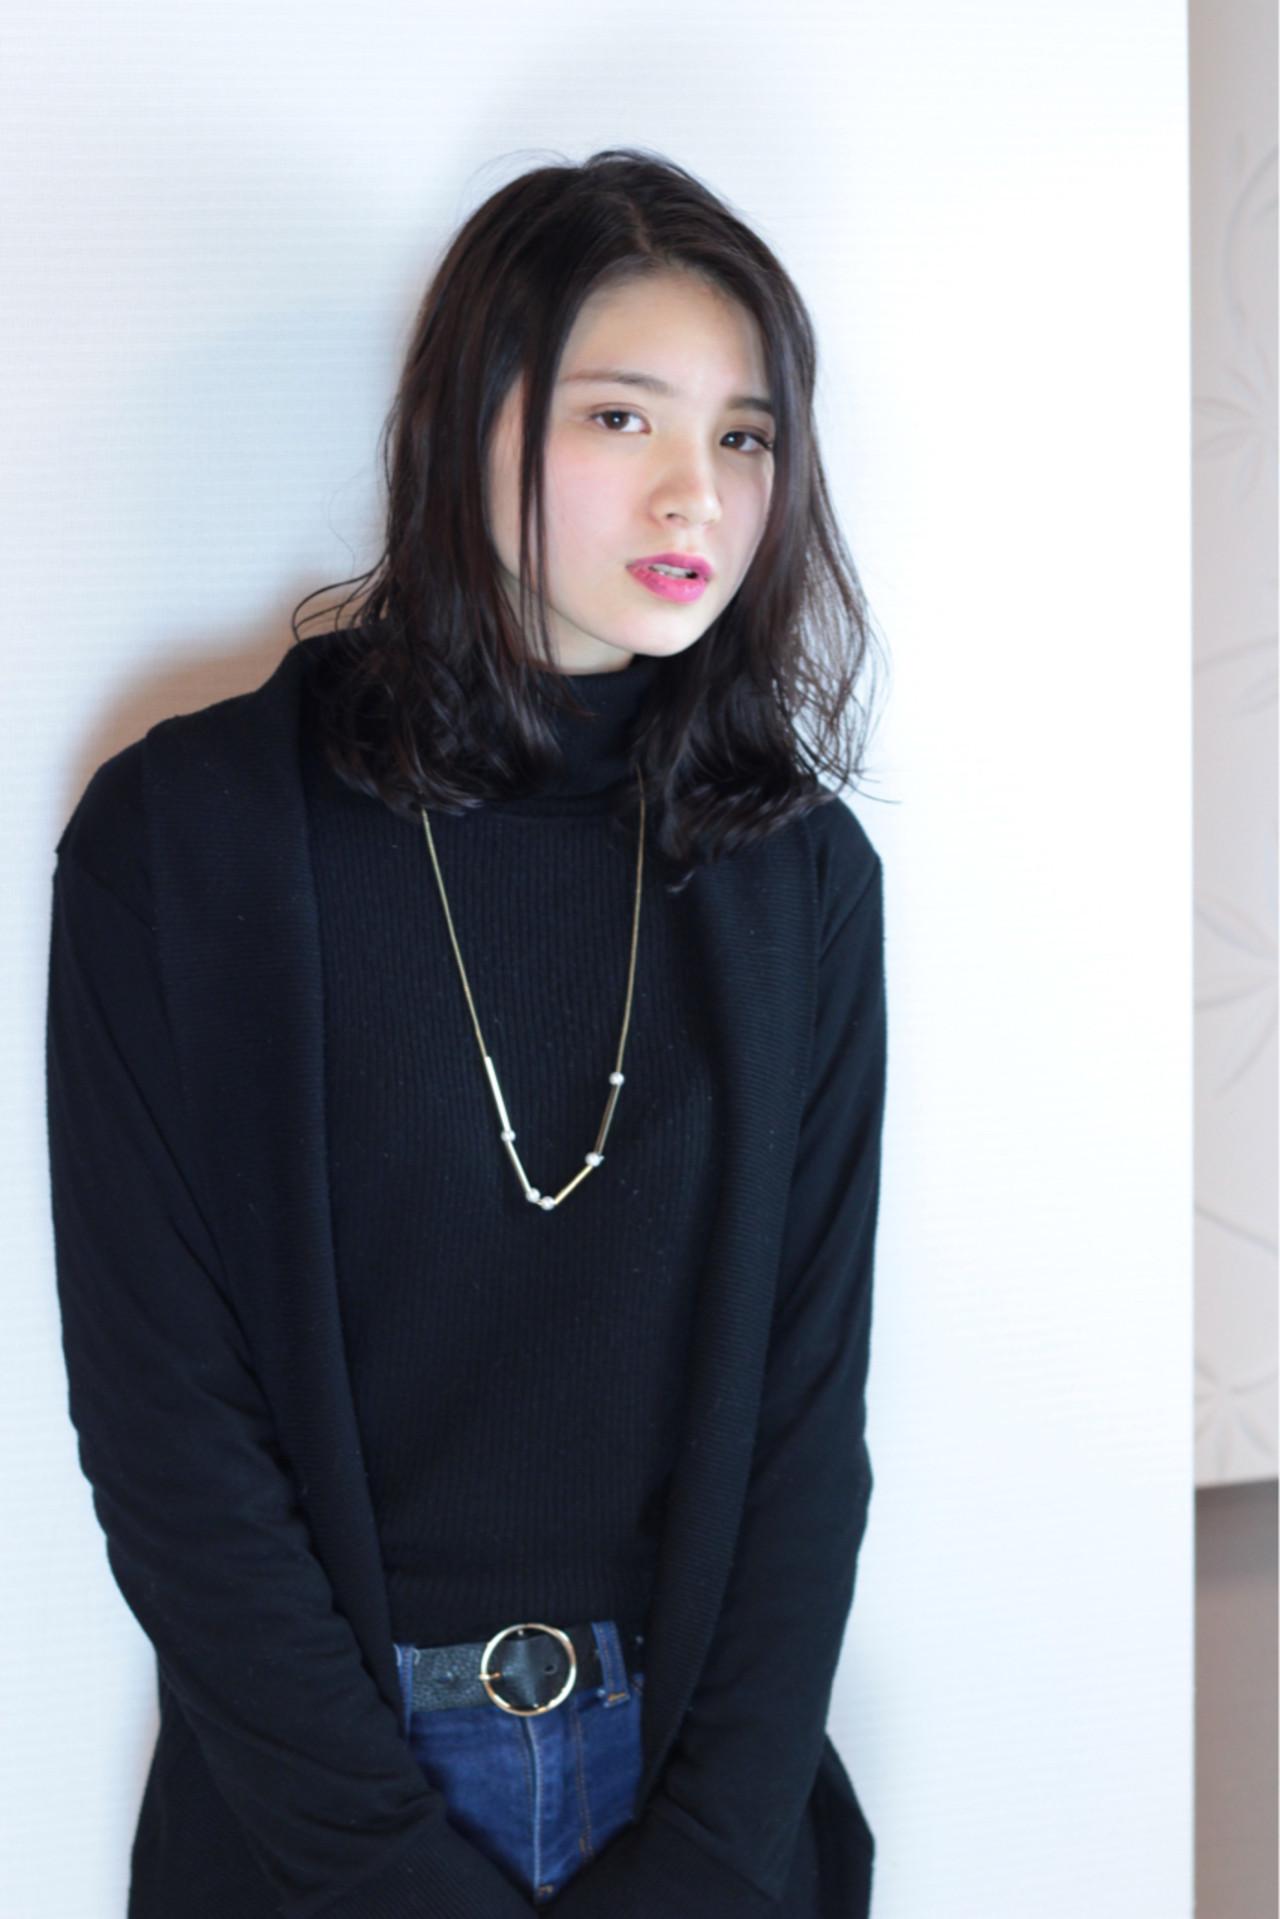 大人ミディアムのカギはセンターパート前髪 松田 和幸 / K.Y.A. | K.Y.A.(ケイ.ワイ.エー.)